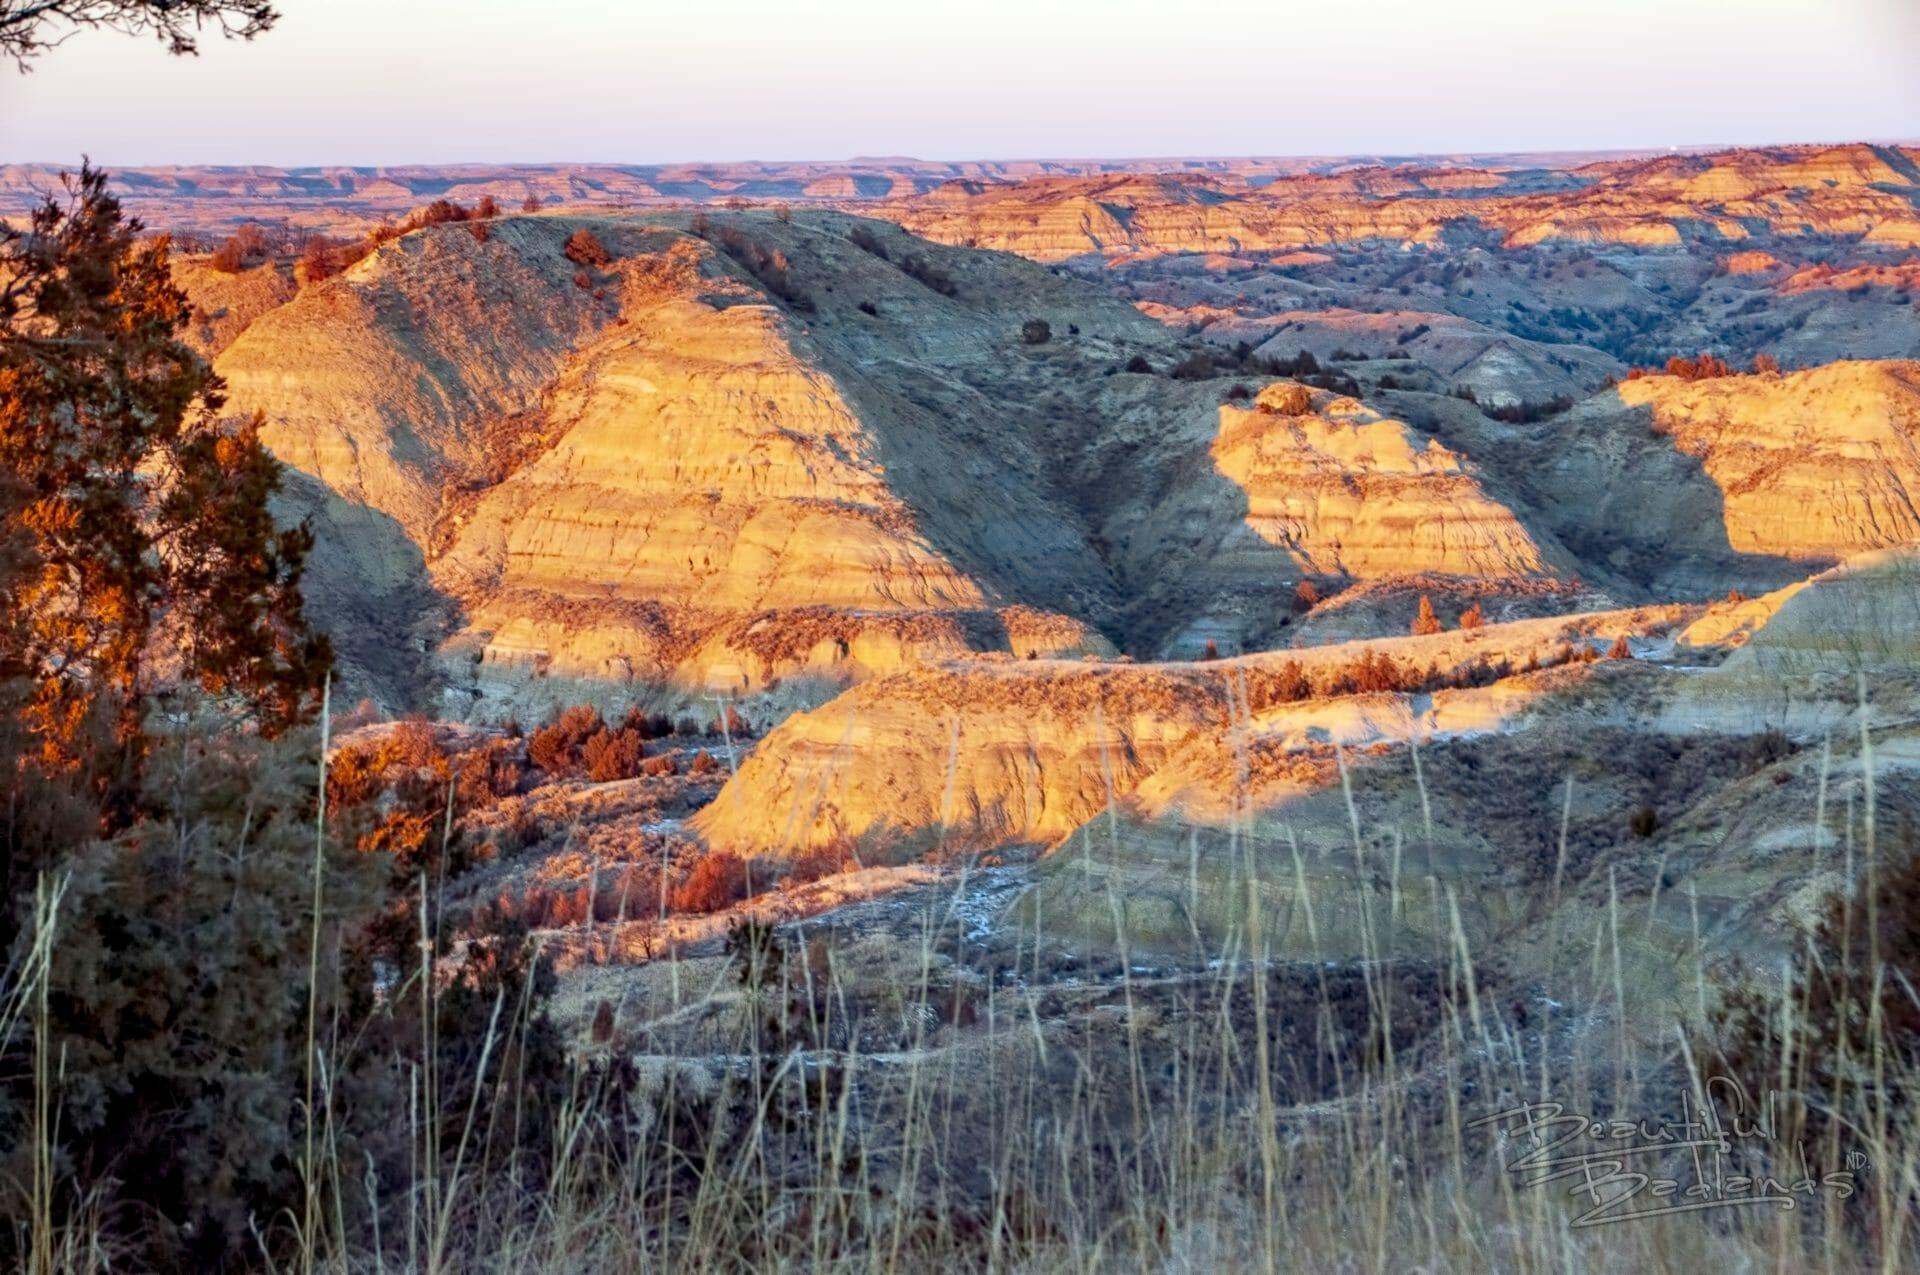 Badlands landscape golden hour